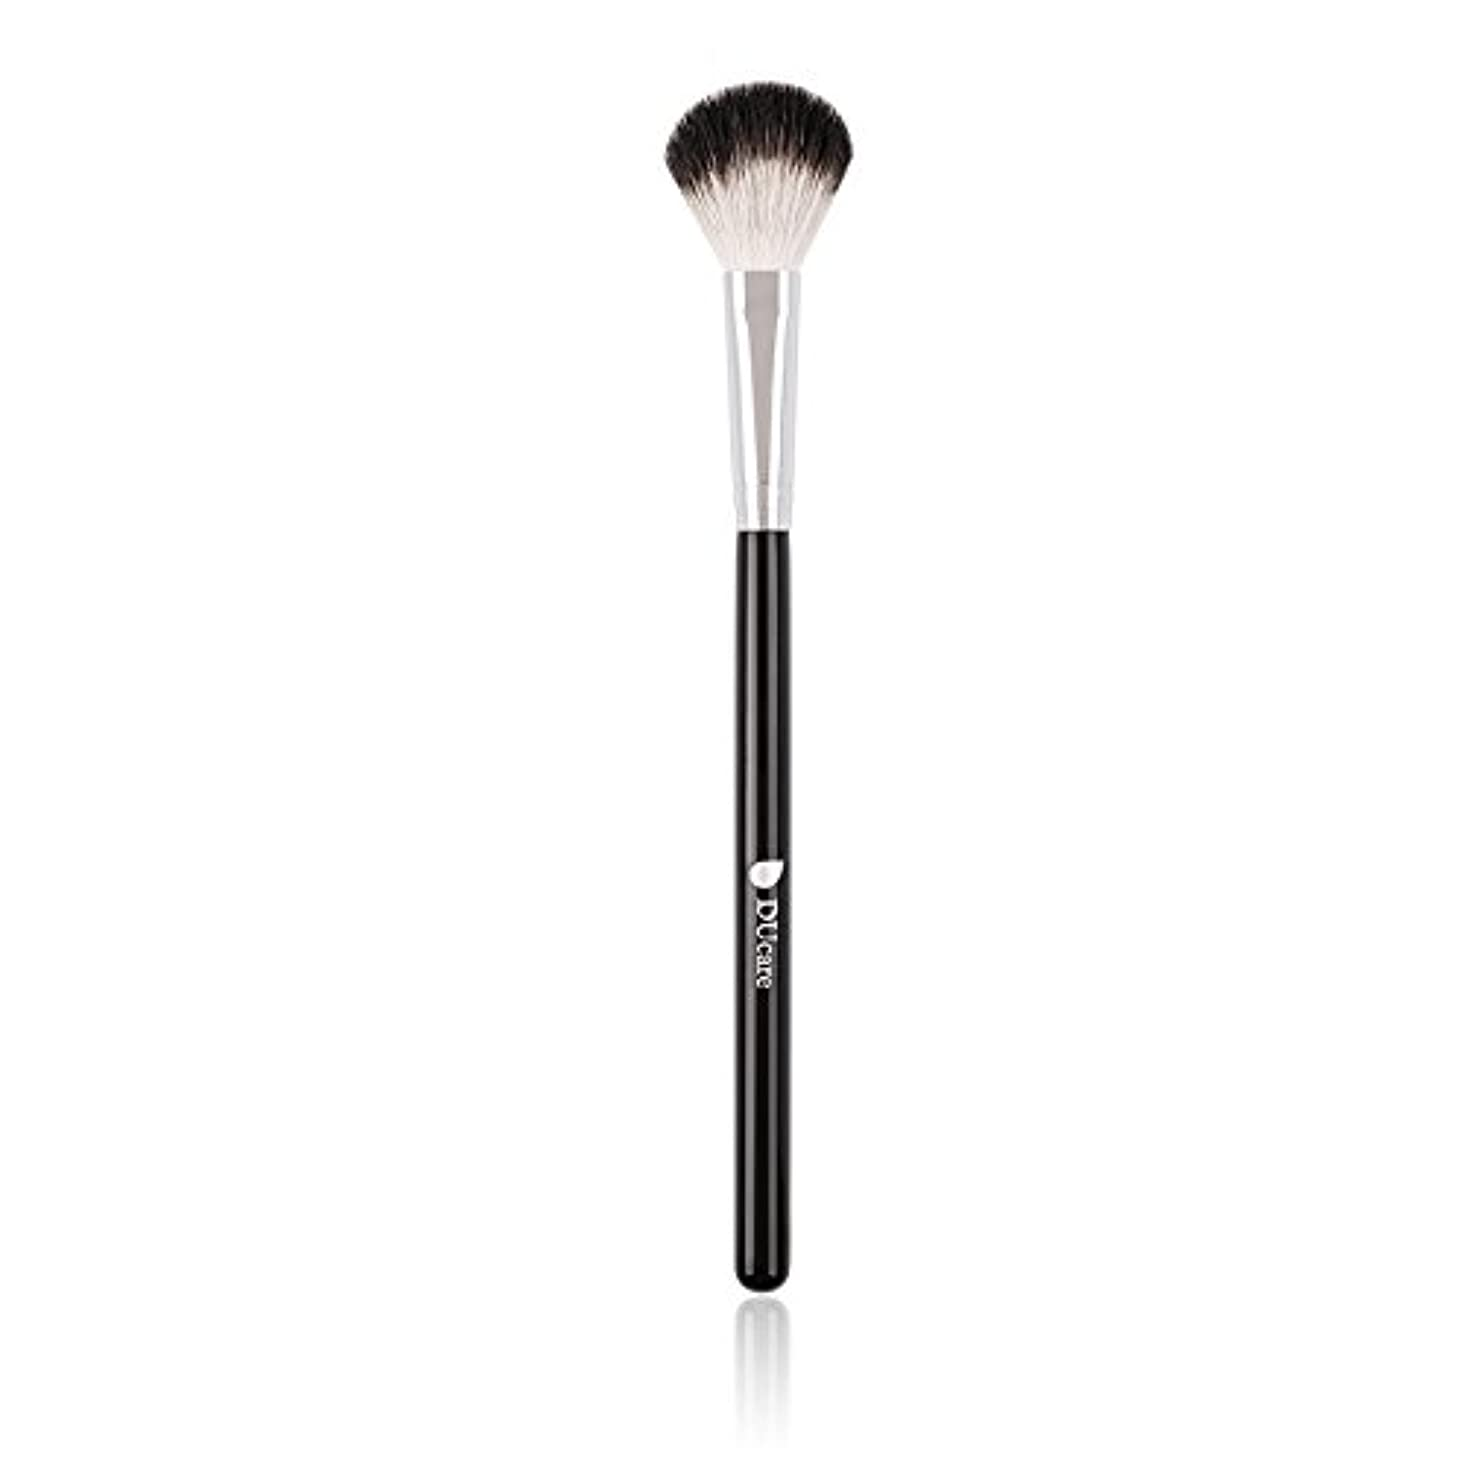 発行するだます提案DUcare ドゥケア 化粧筆 ハイライトブラシ 白尖峰を100%使用 ハイライト&チック&パウダー用